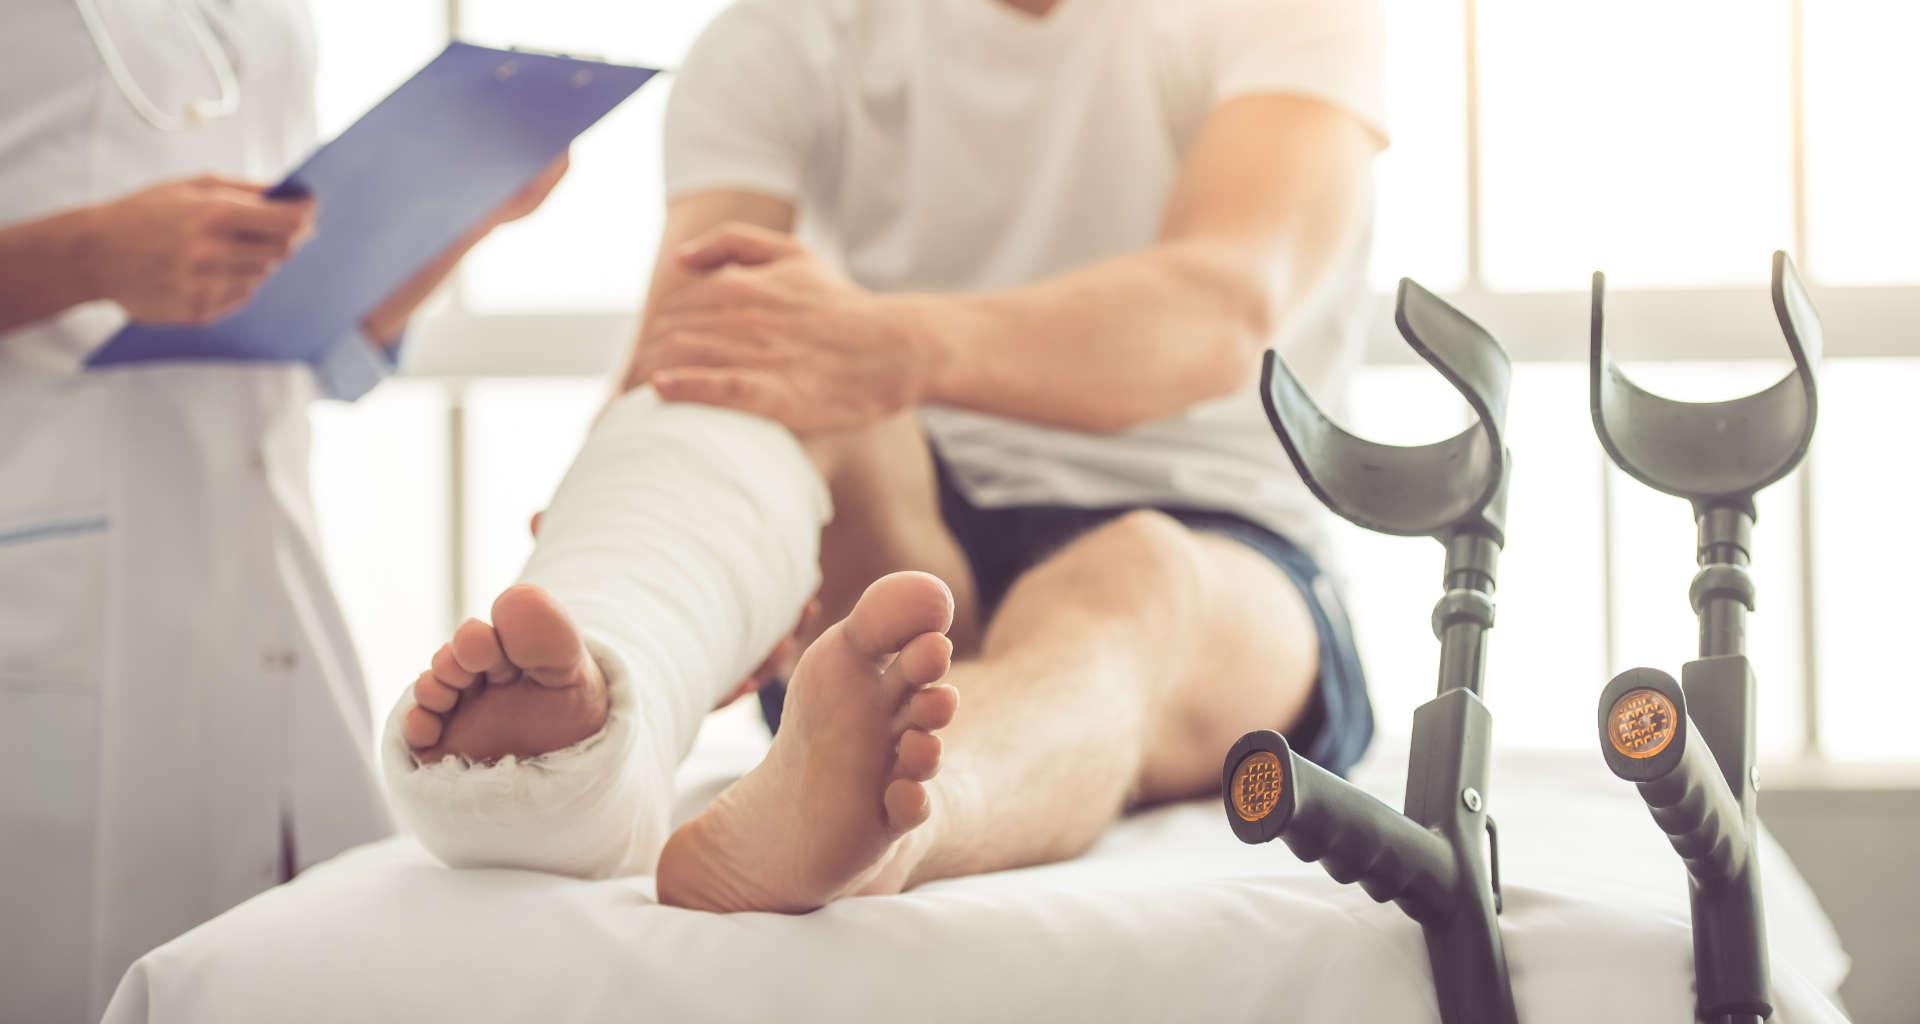 Želite skleniti nezgodno zavarovanje? Pomagali vam bomo najti pravo zavarovalnico za nezgodno zavarovanje